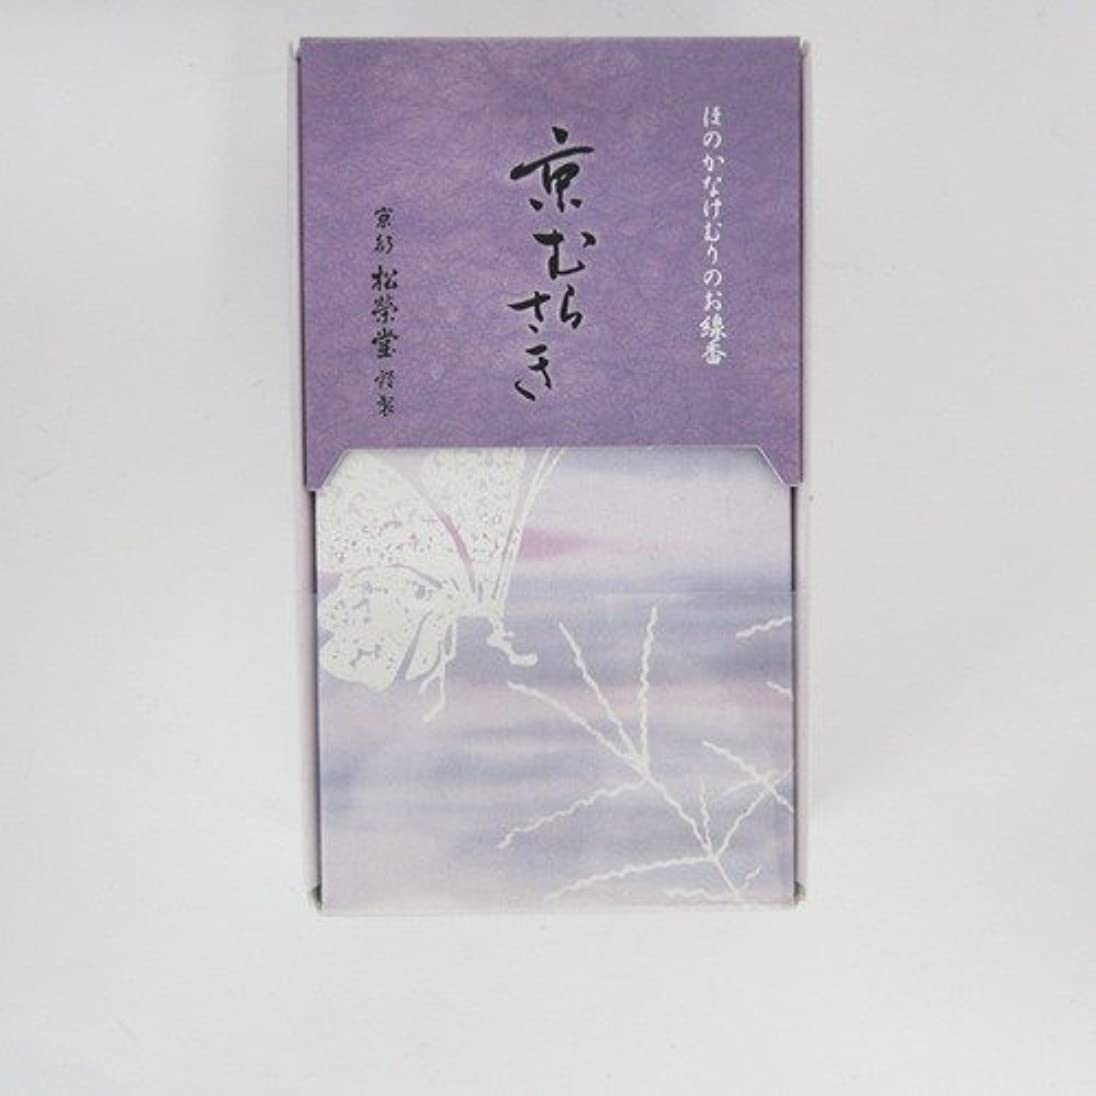 列挙する黒板創始者松栄堂 玉響シリーズ 京むらさき 45g